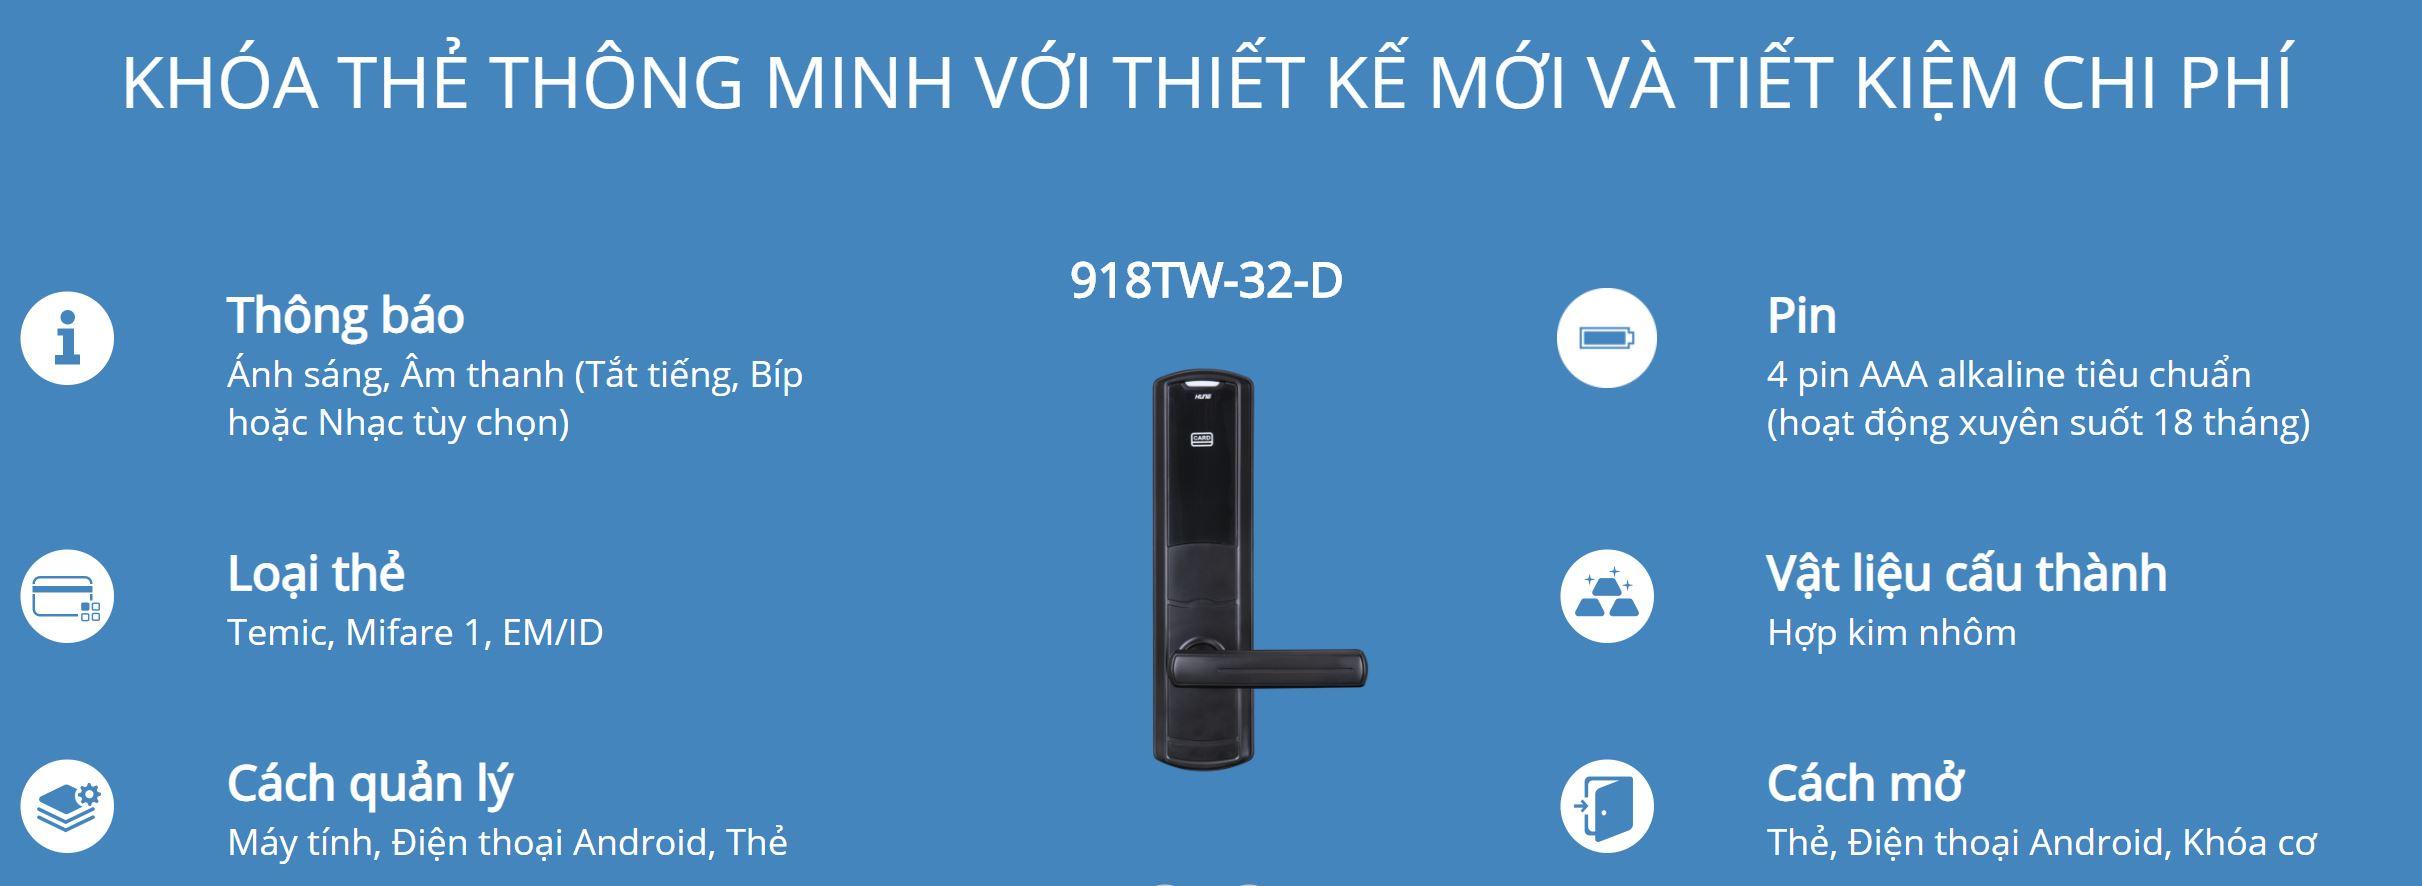 Thông tin kỹ thuật khóa thẻ Hune 918-32-D